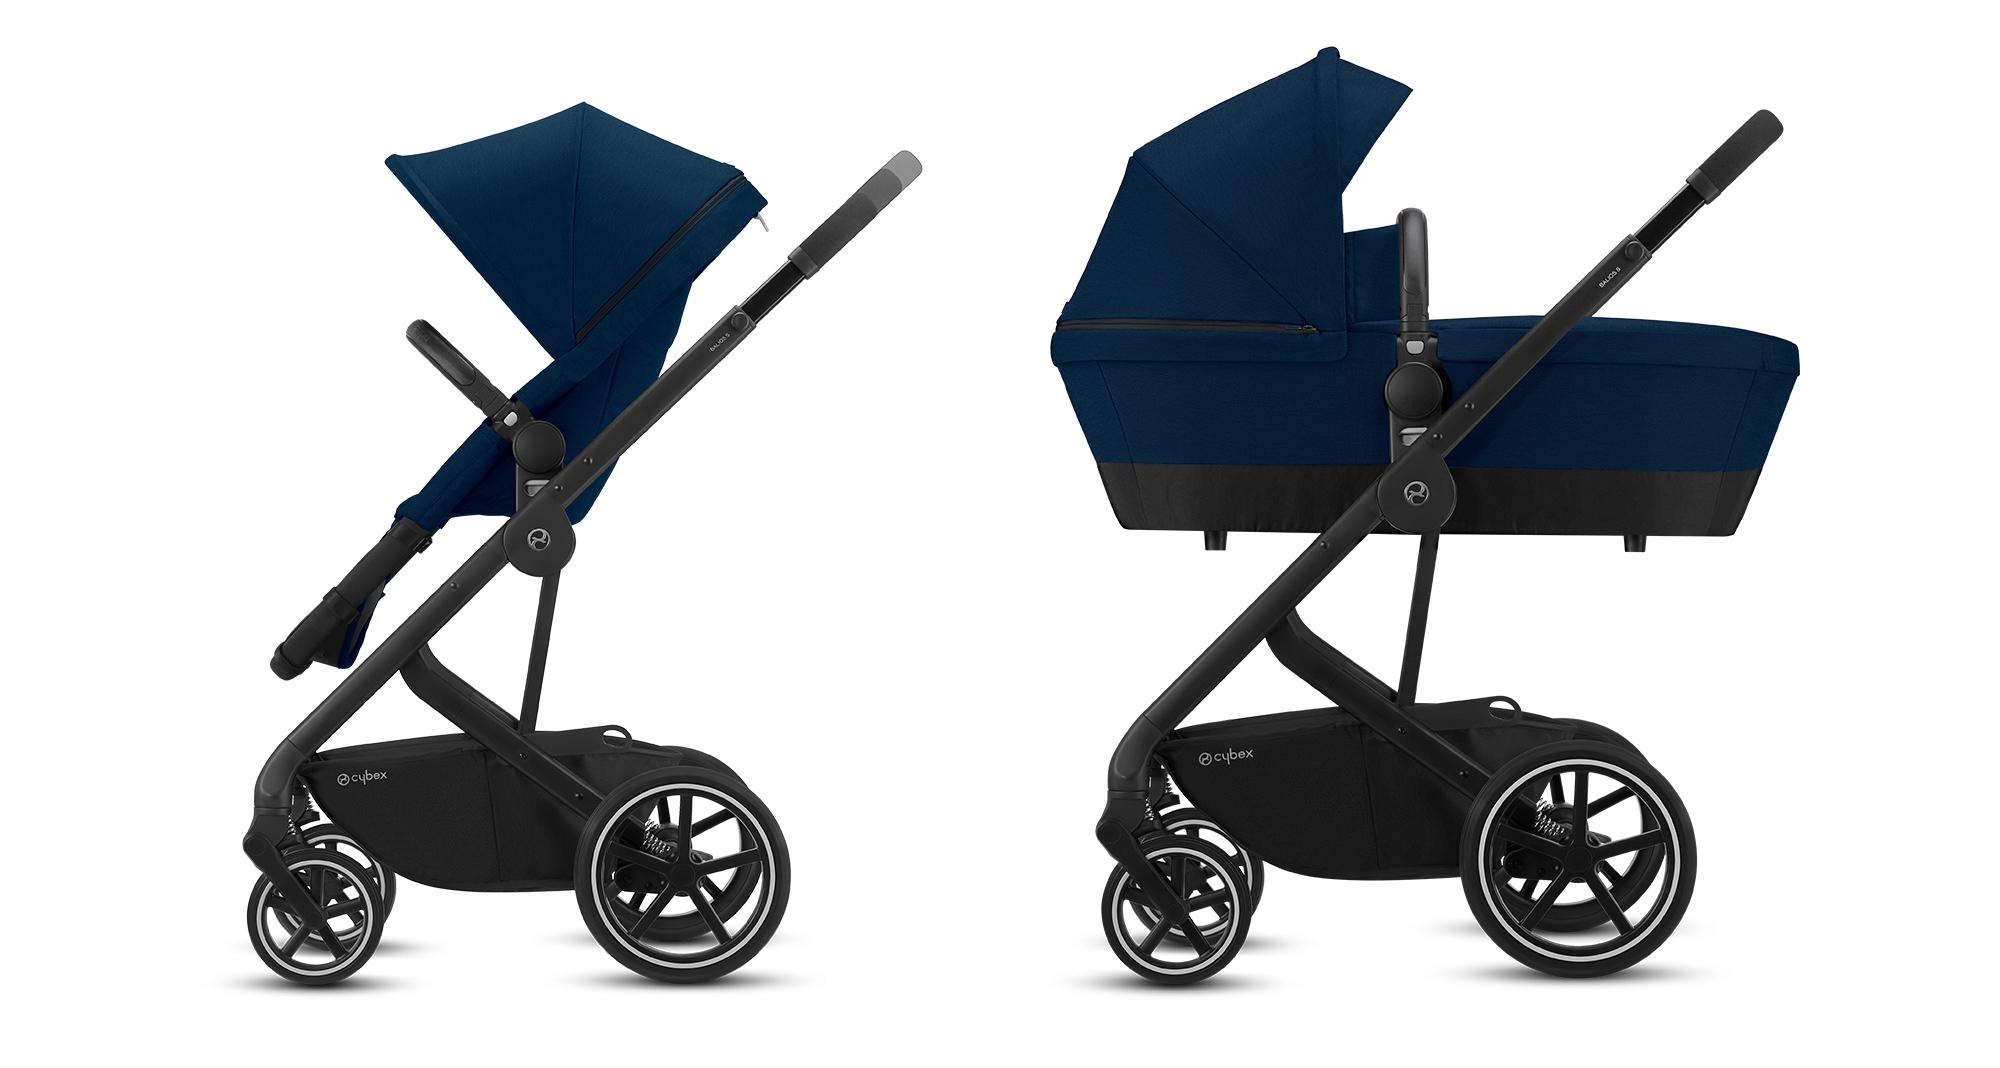 Carro-bebé-Balios-S-2-in-1-de-Cybex carritos de bebé - Carro beb   Balios S 2 in 1 de Cybex - Carritos de bebé